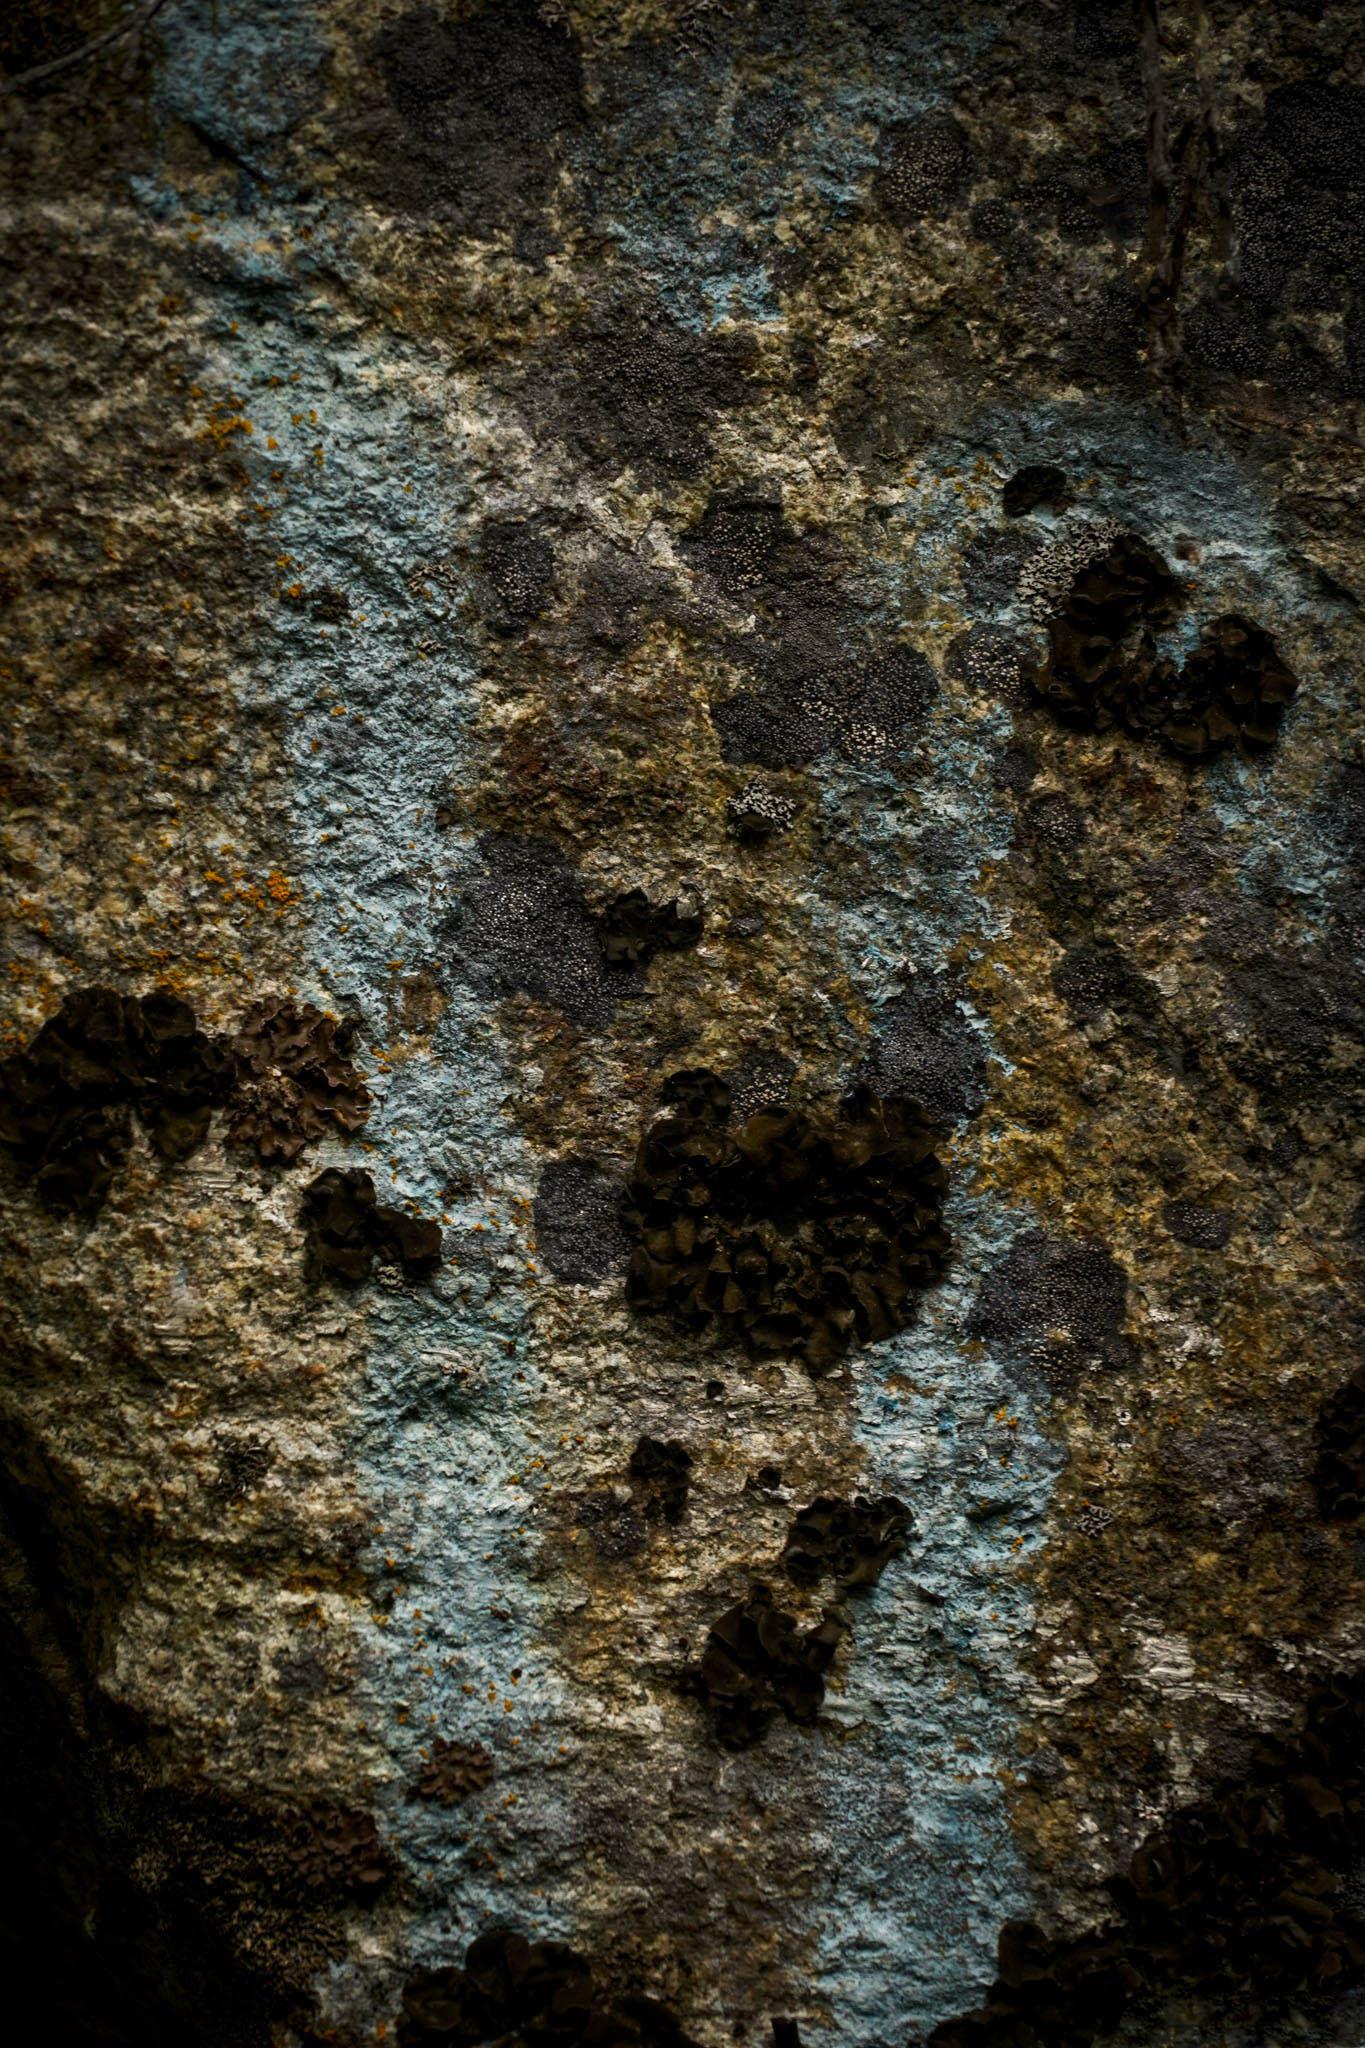 The Face in the Rock, Split Rock, Eakin Creek Rd - Derek Chamber